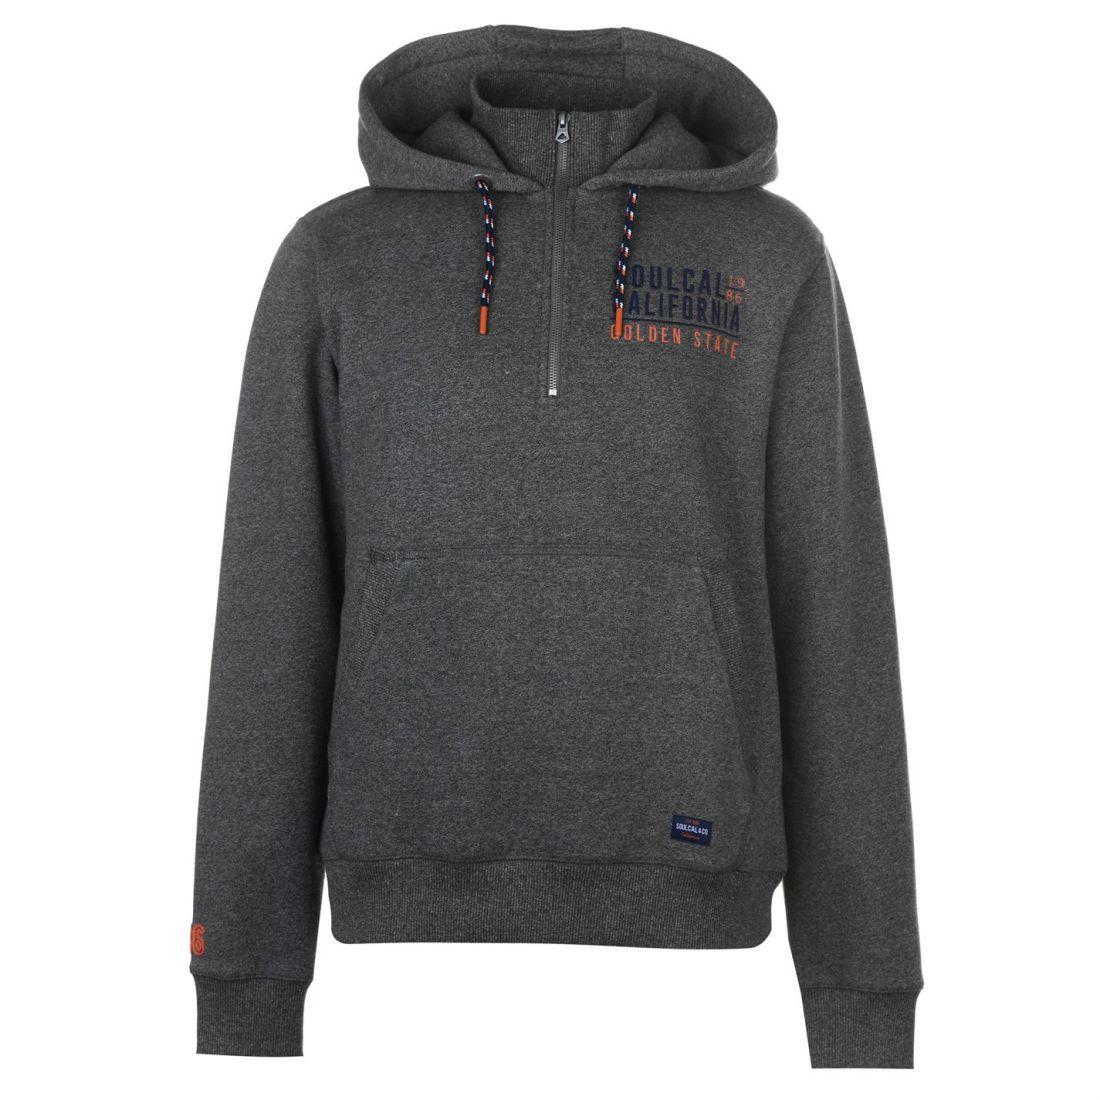 Details about SoulCal Mens Logo Zip Top Quarter Fleece Sweatshirt Jumper  Long Sleeve e1c9b4d1b